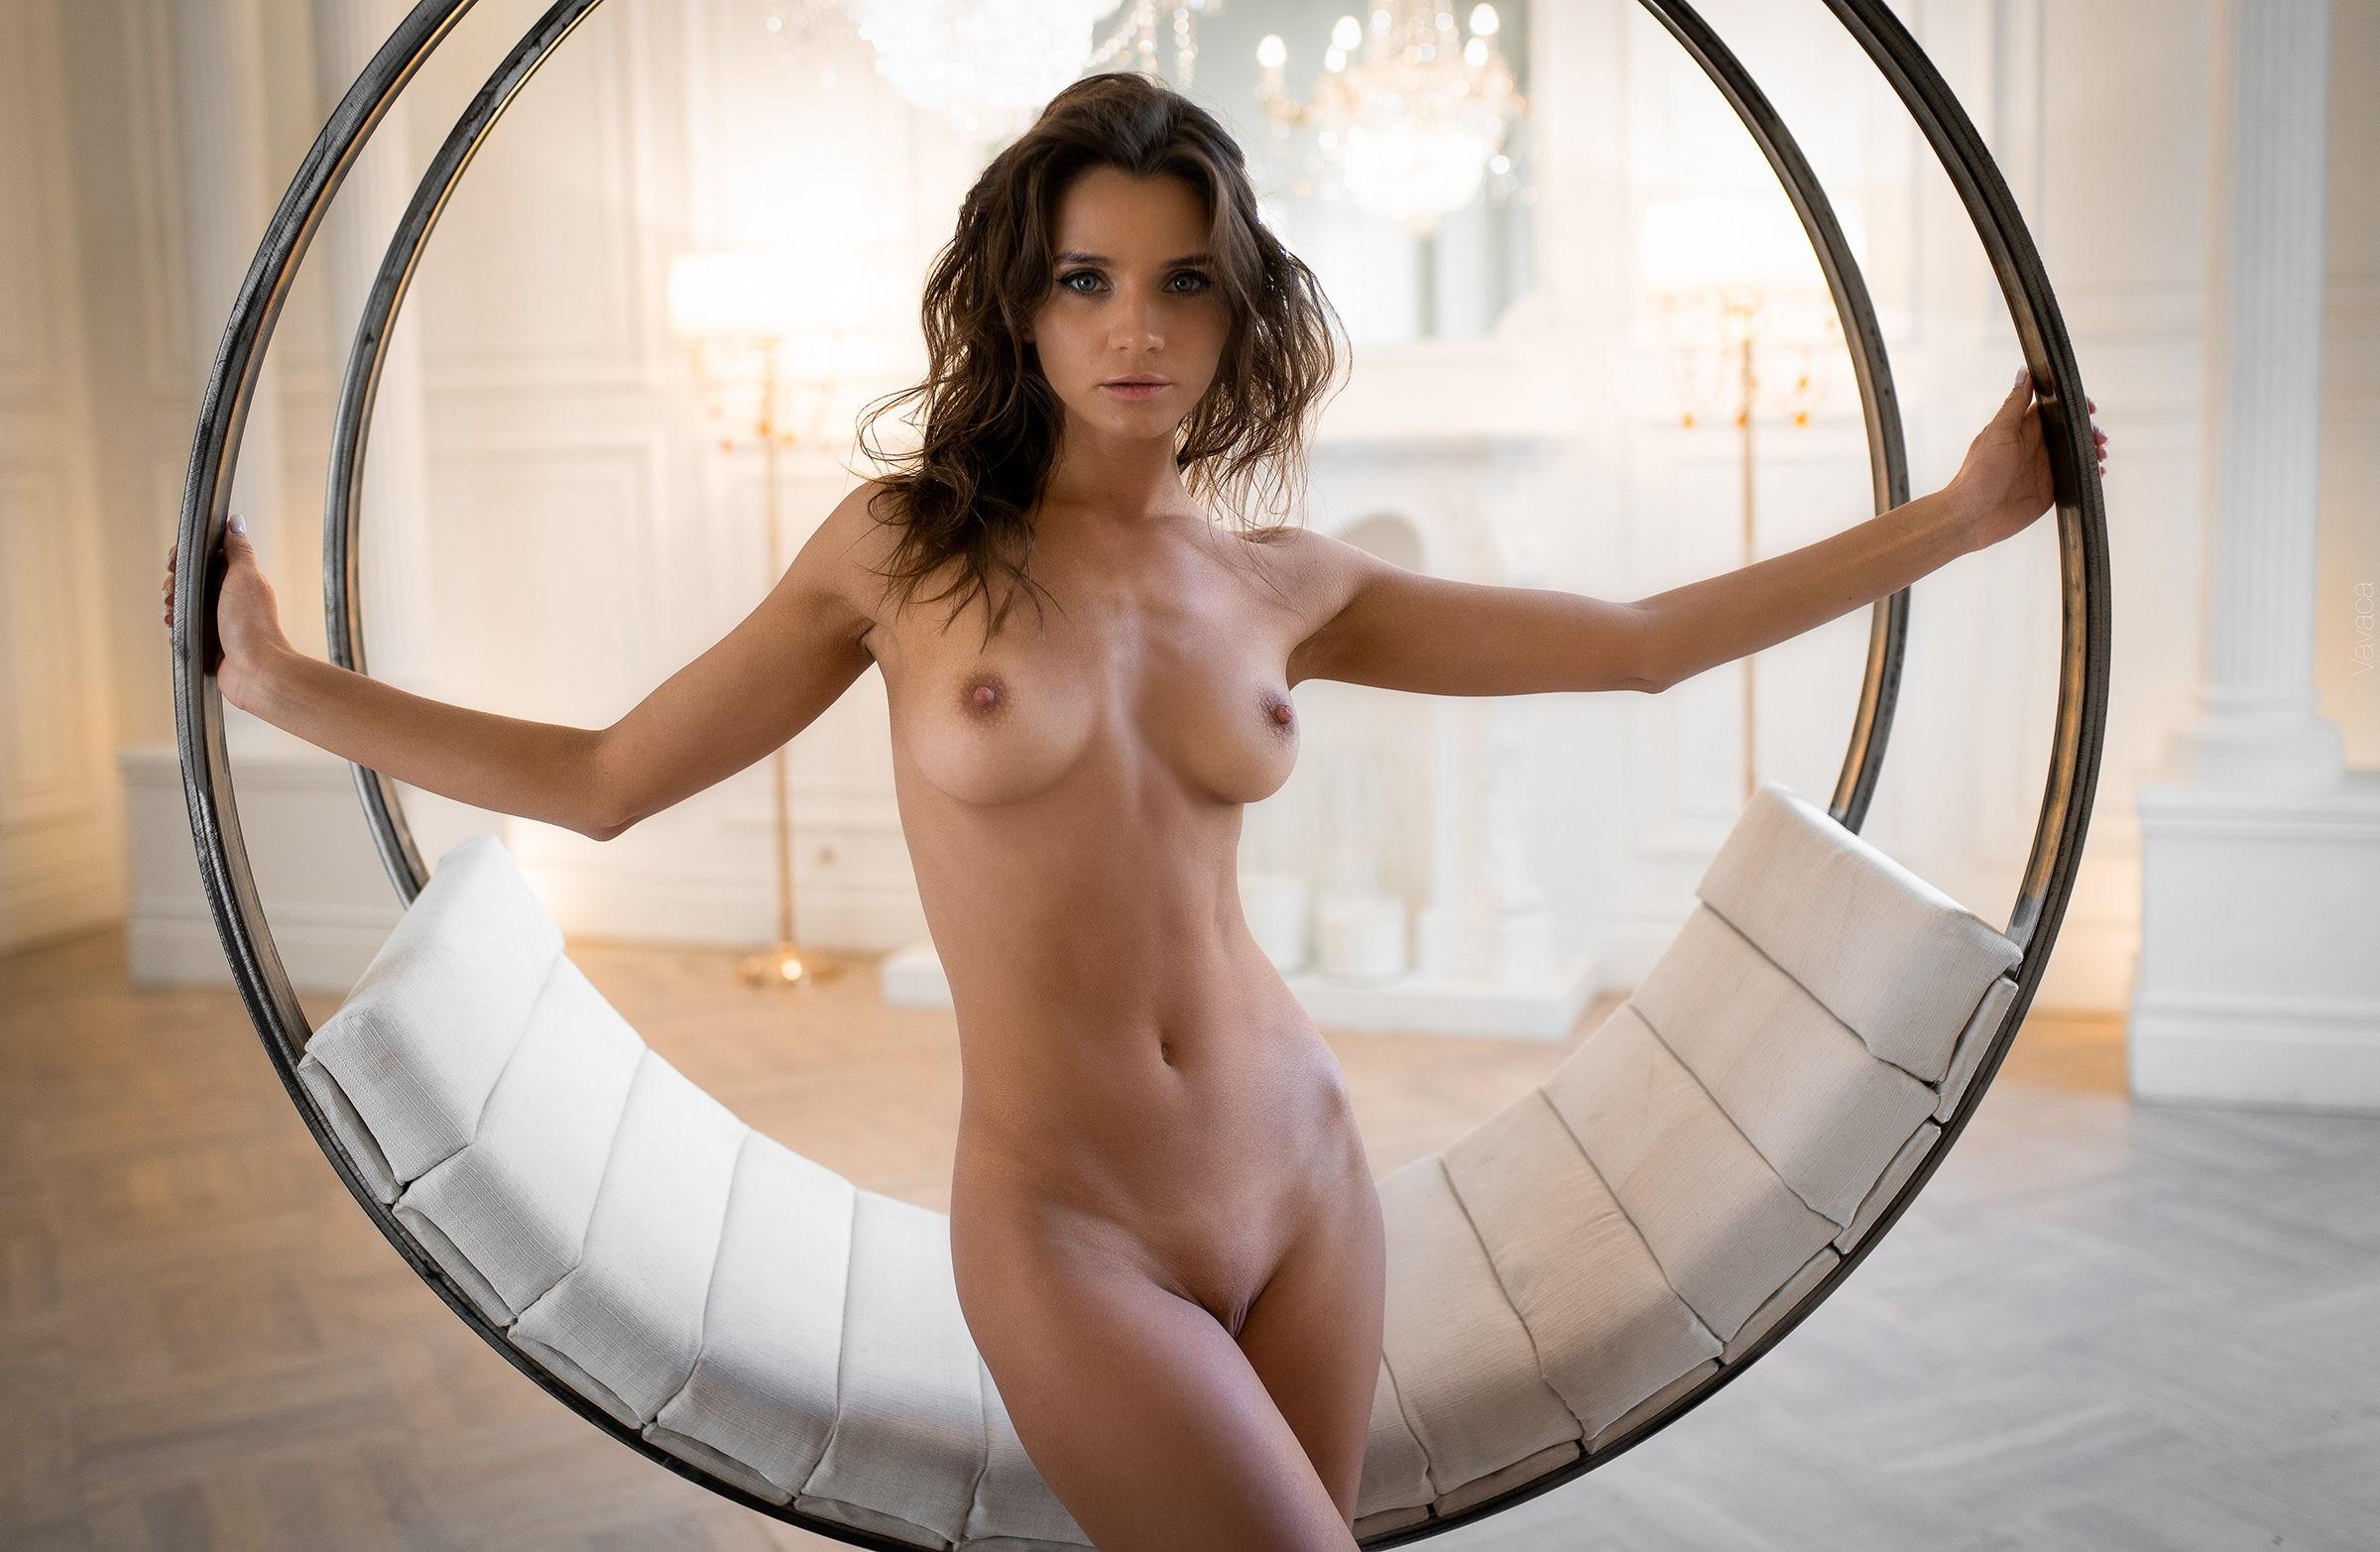 Scrumdown naked